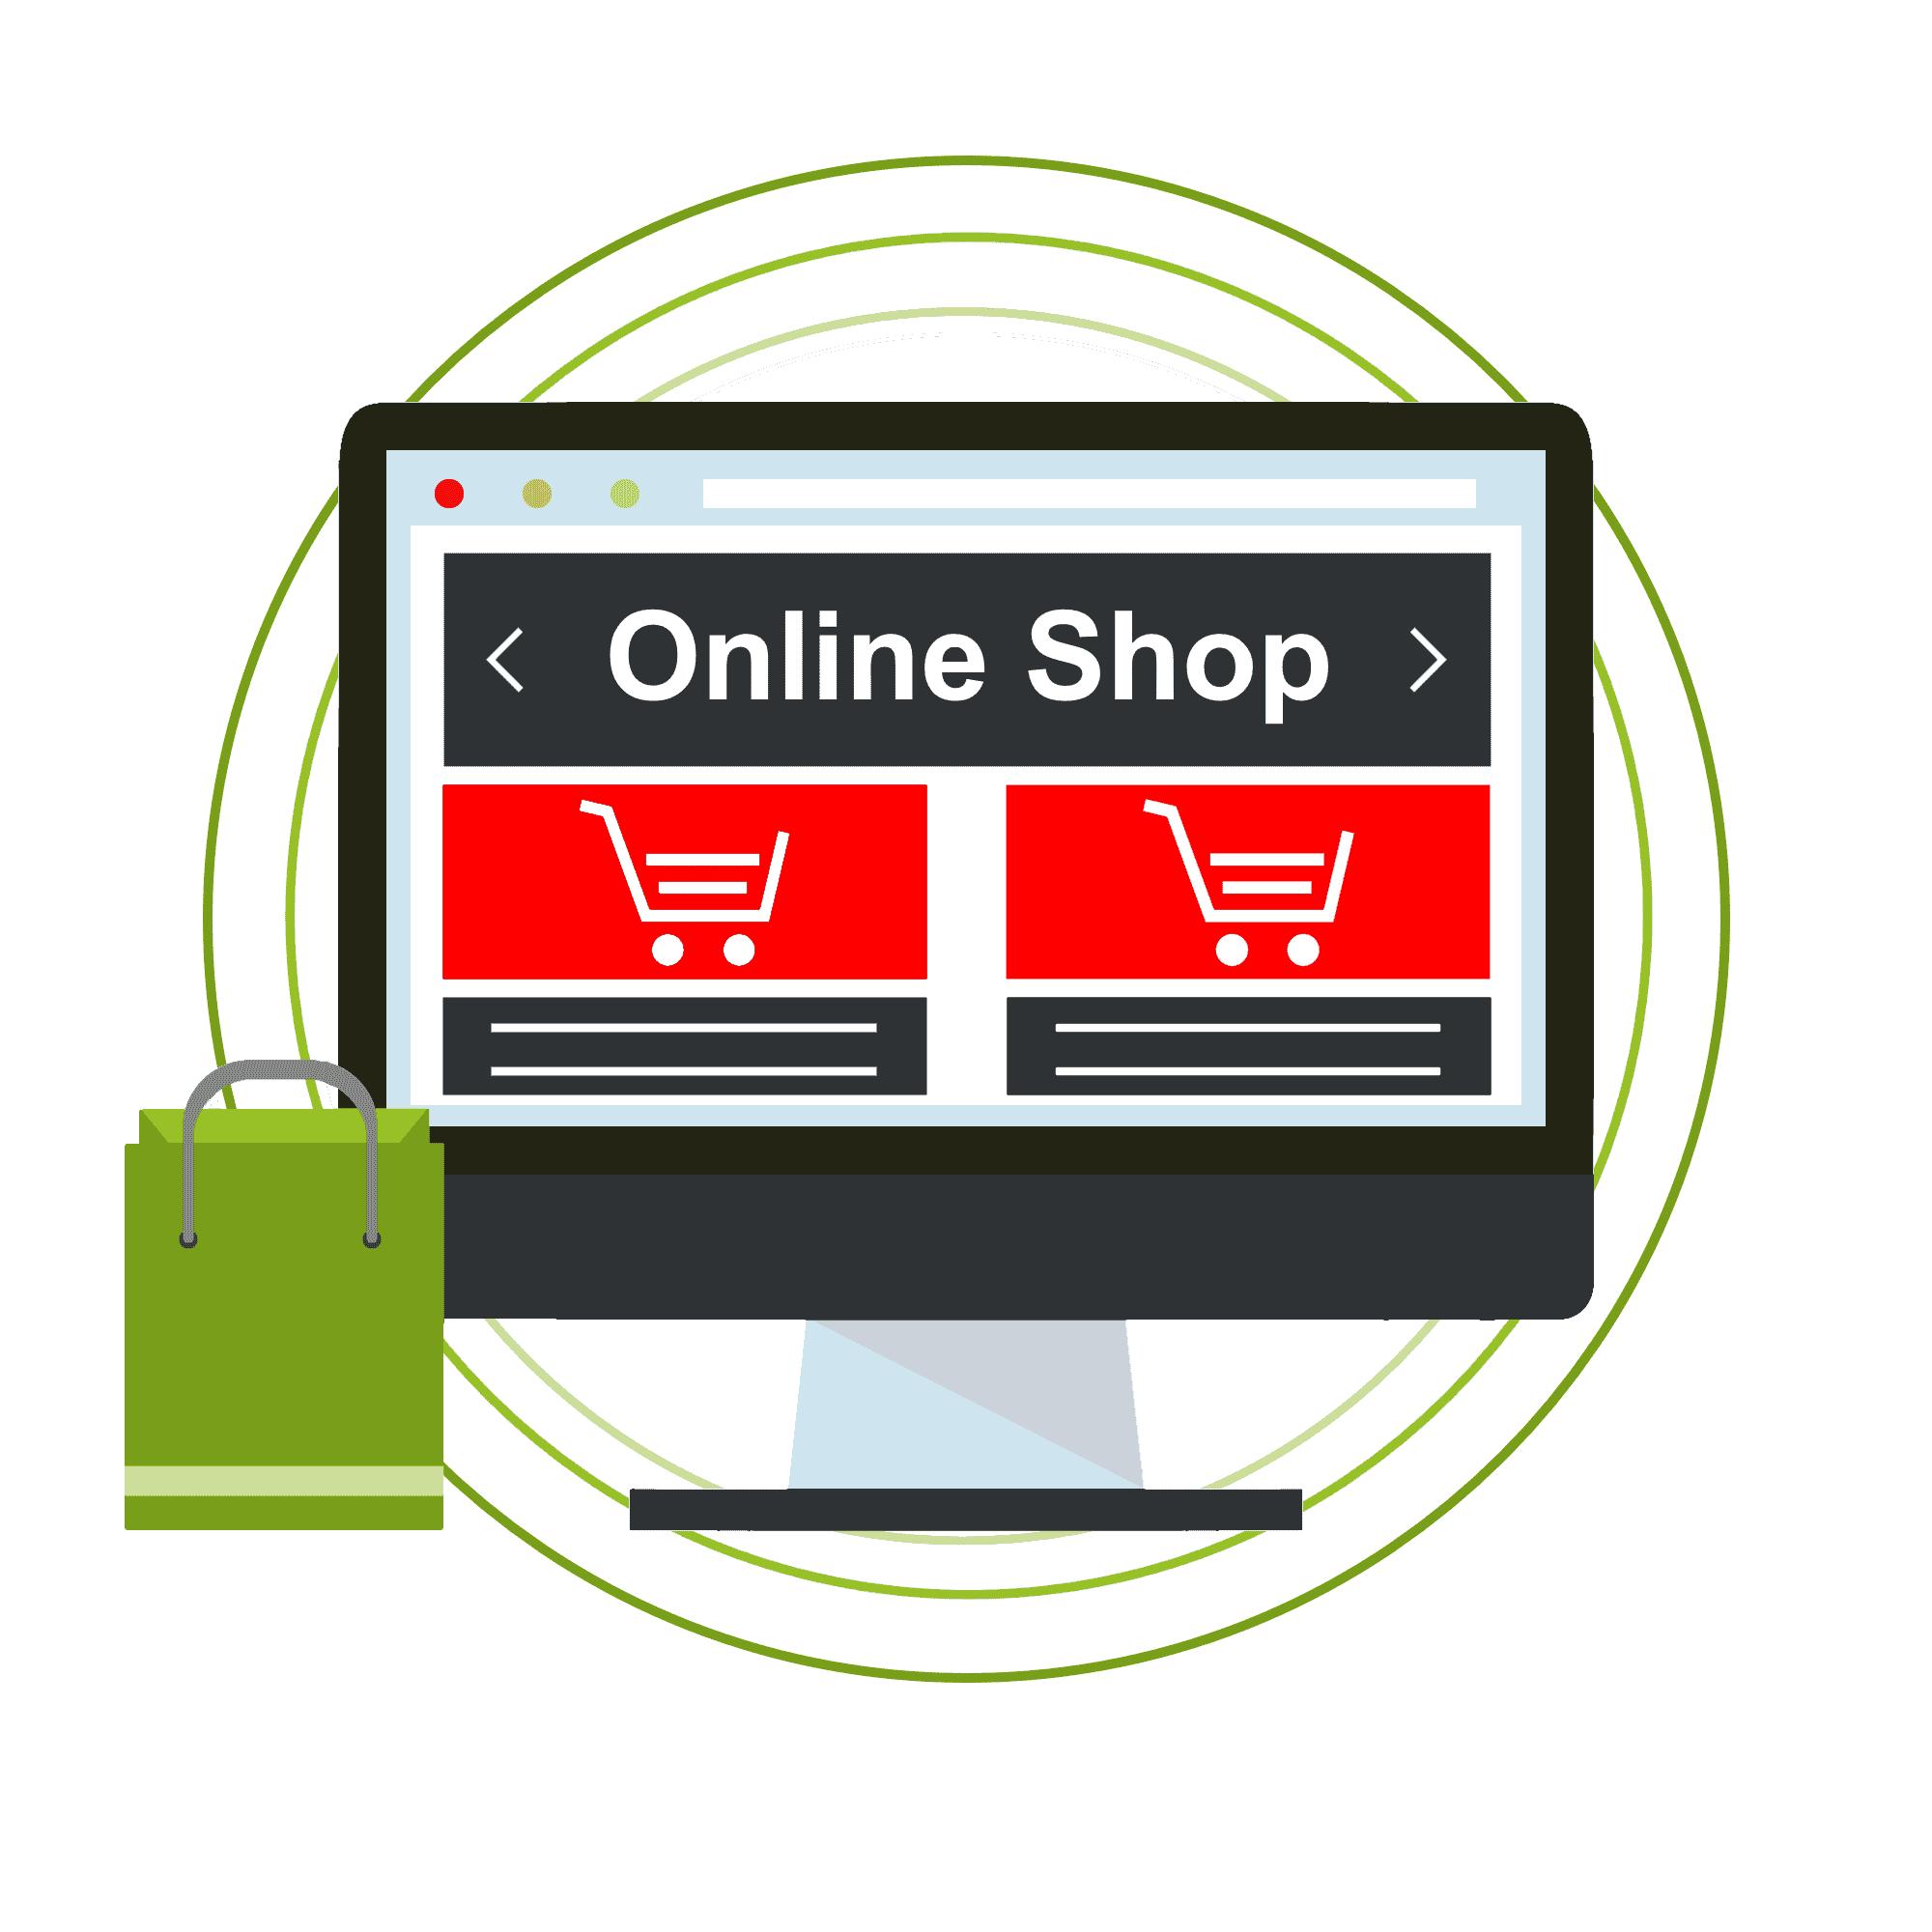 Online Shop Checkliste Die Wichtigen Schritte Zum Erfolgreichen Webshop